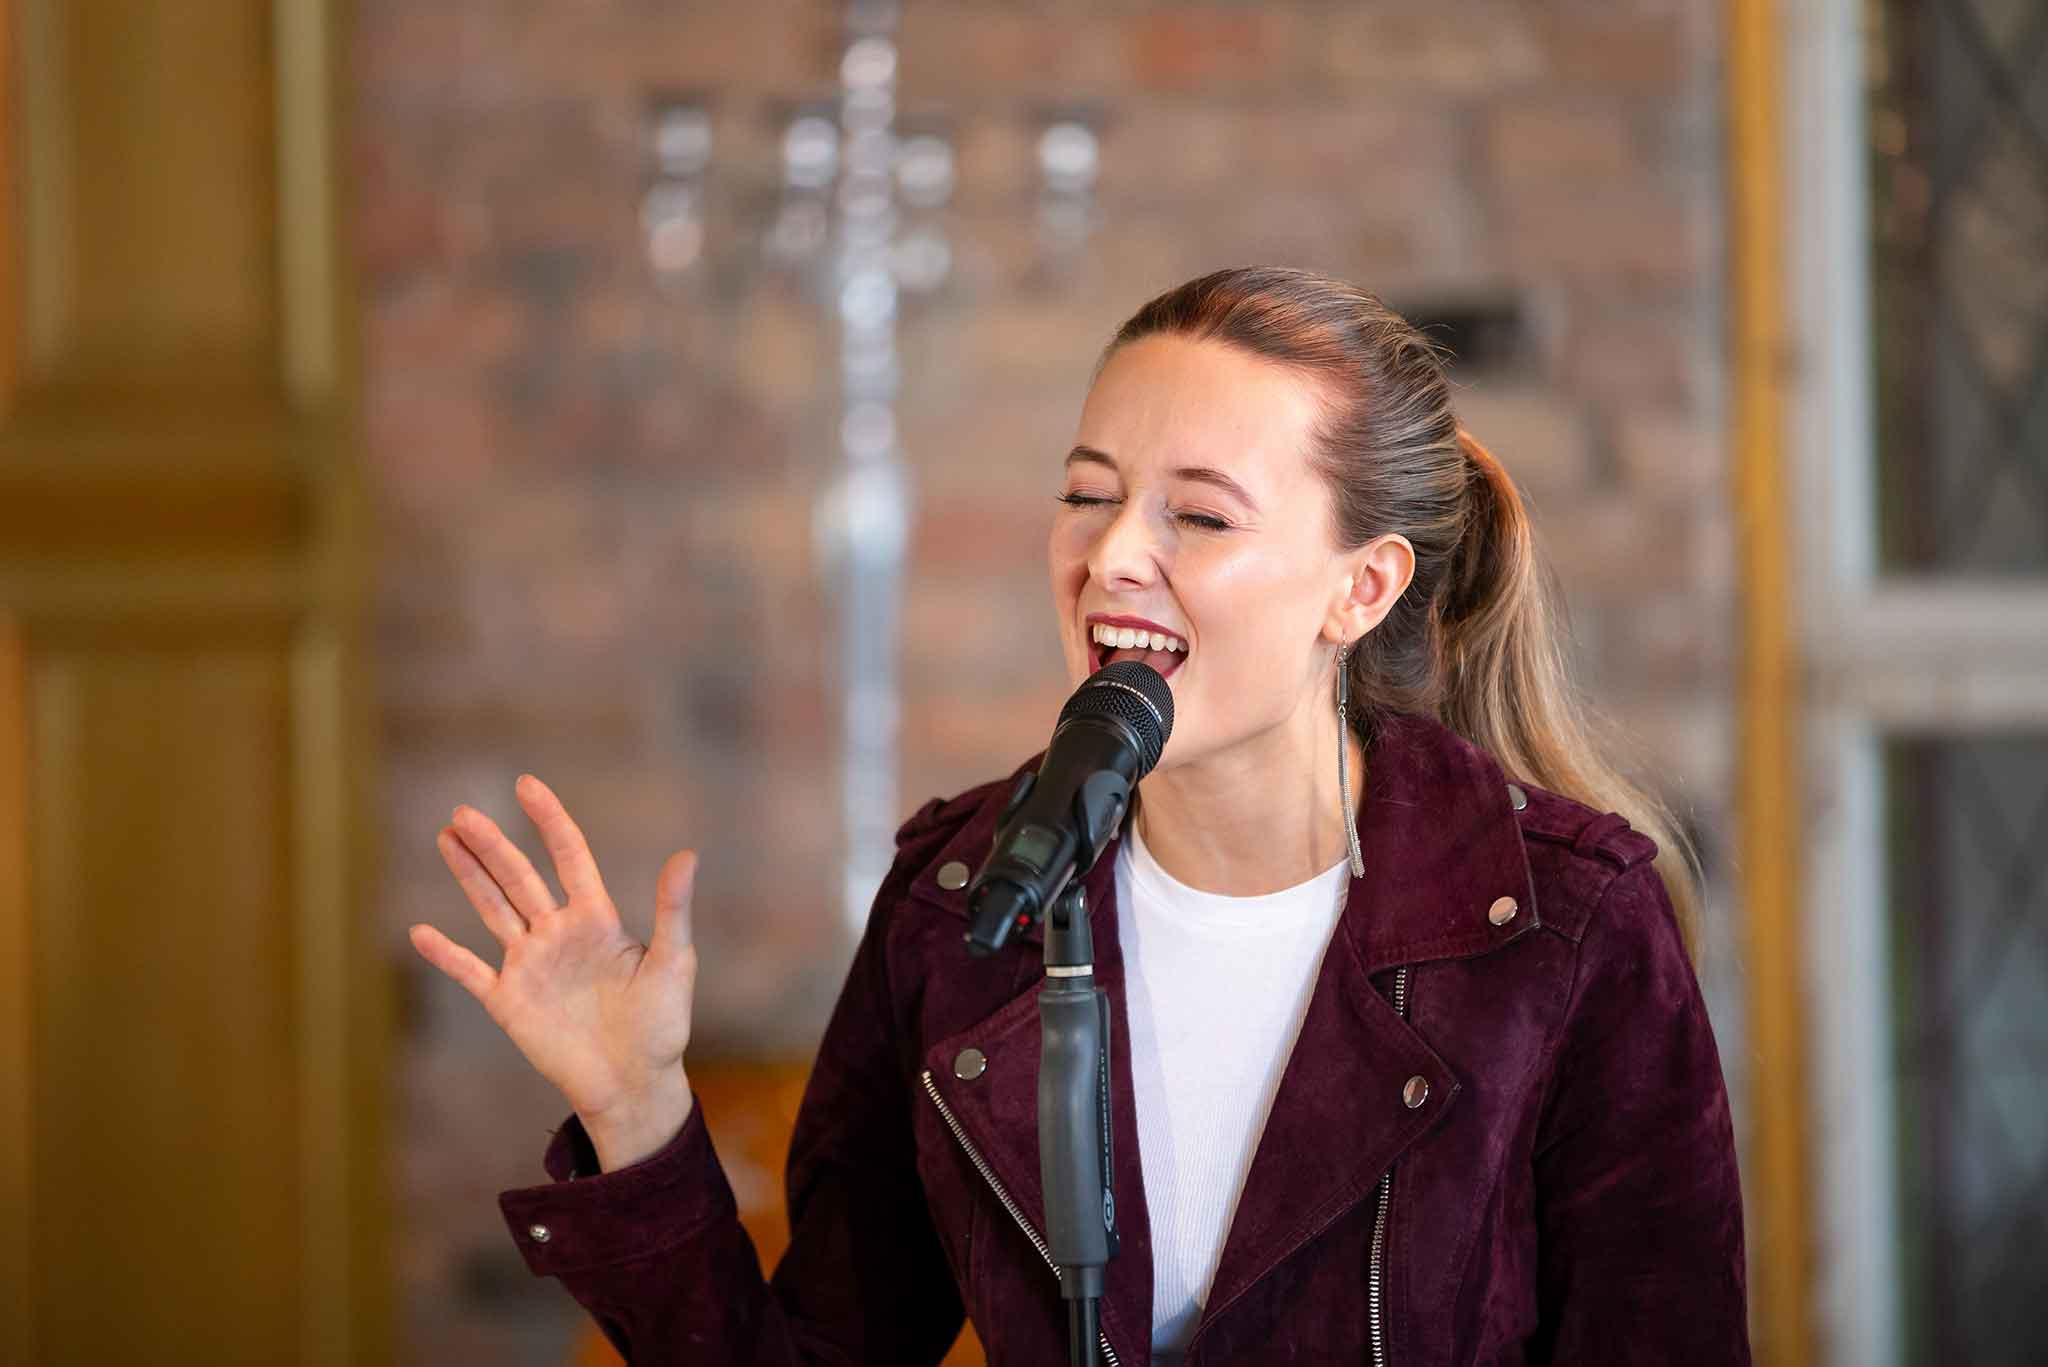 Saengerin Jasmin Graff sind gefühlvoll in ein Mikrofon